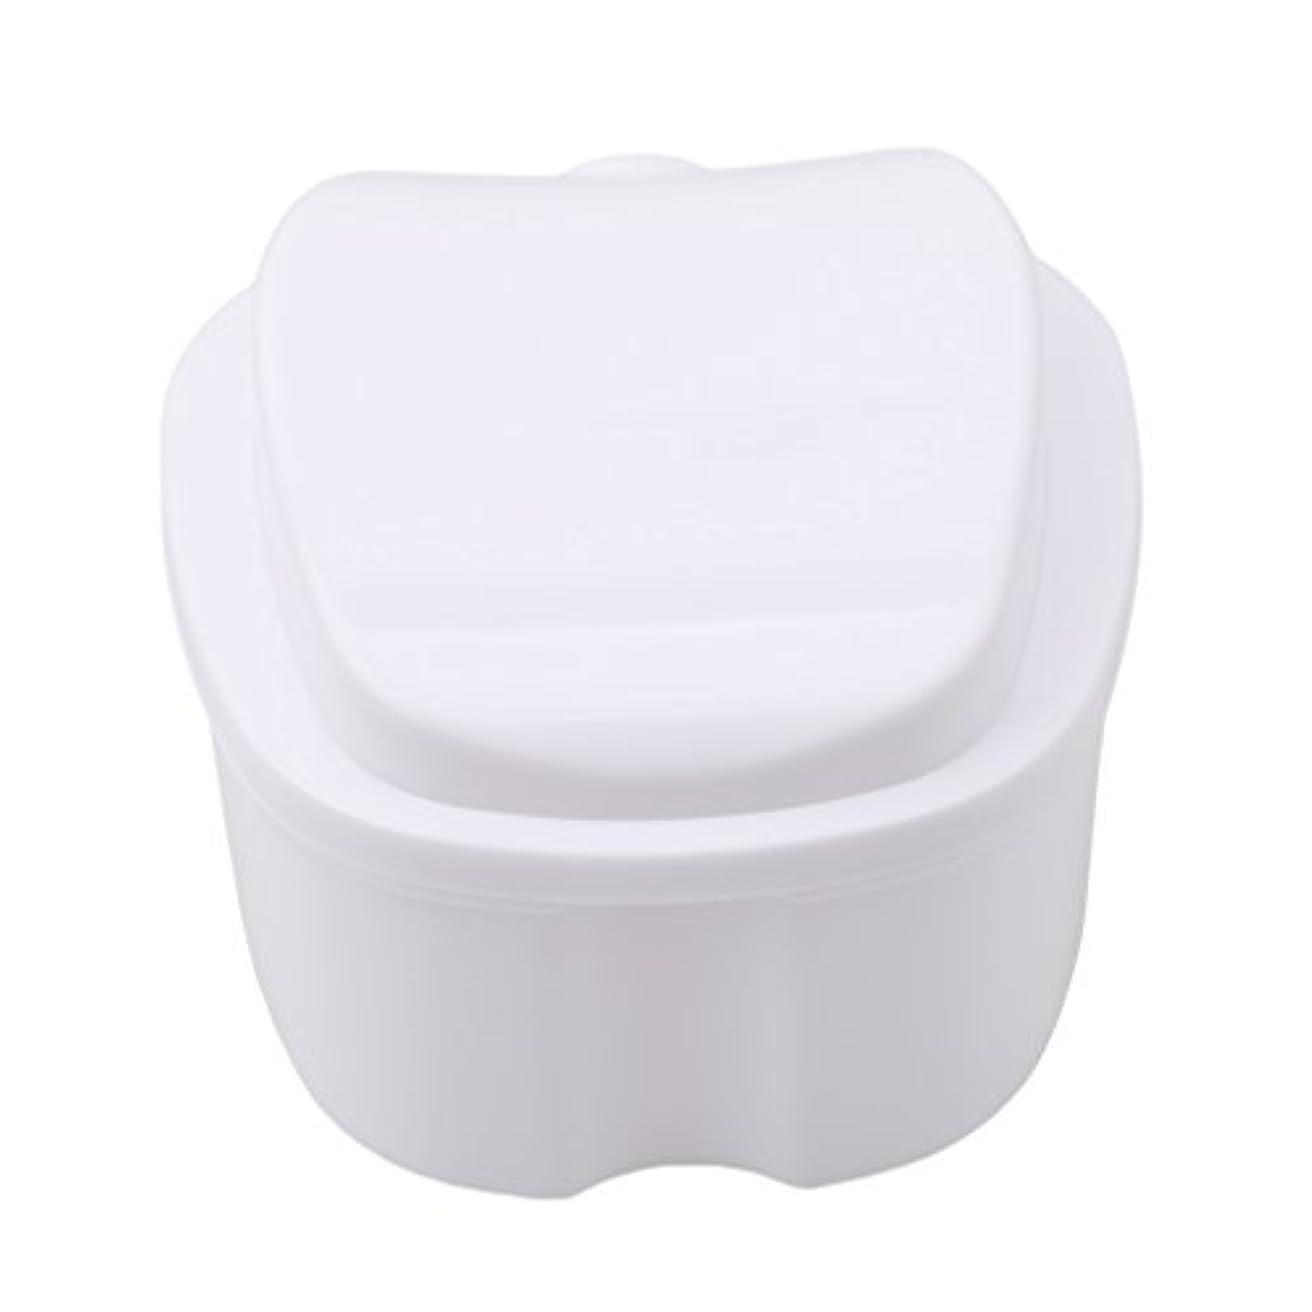 なぜなら節約クリエイティブHonel 収納ボックス 義歯収納用 リテーナーケース りんご柄 ホワイト